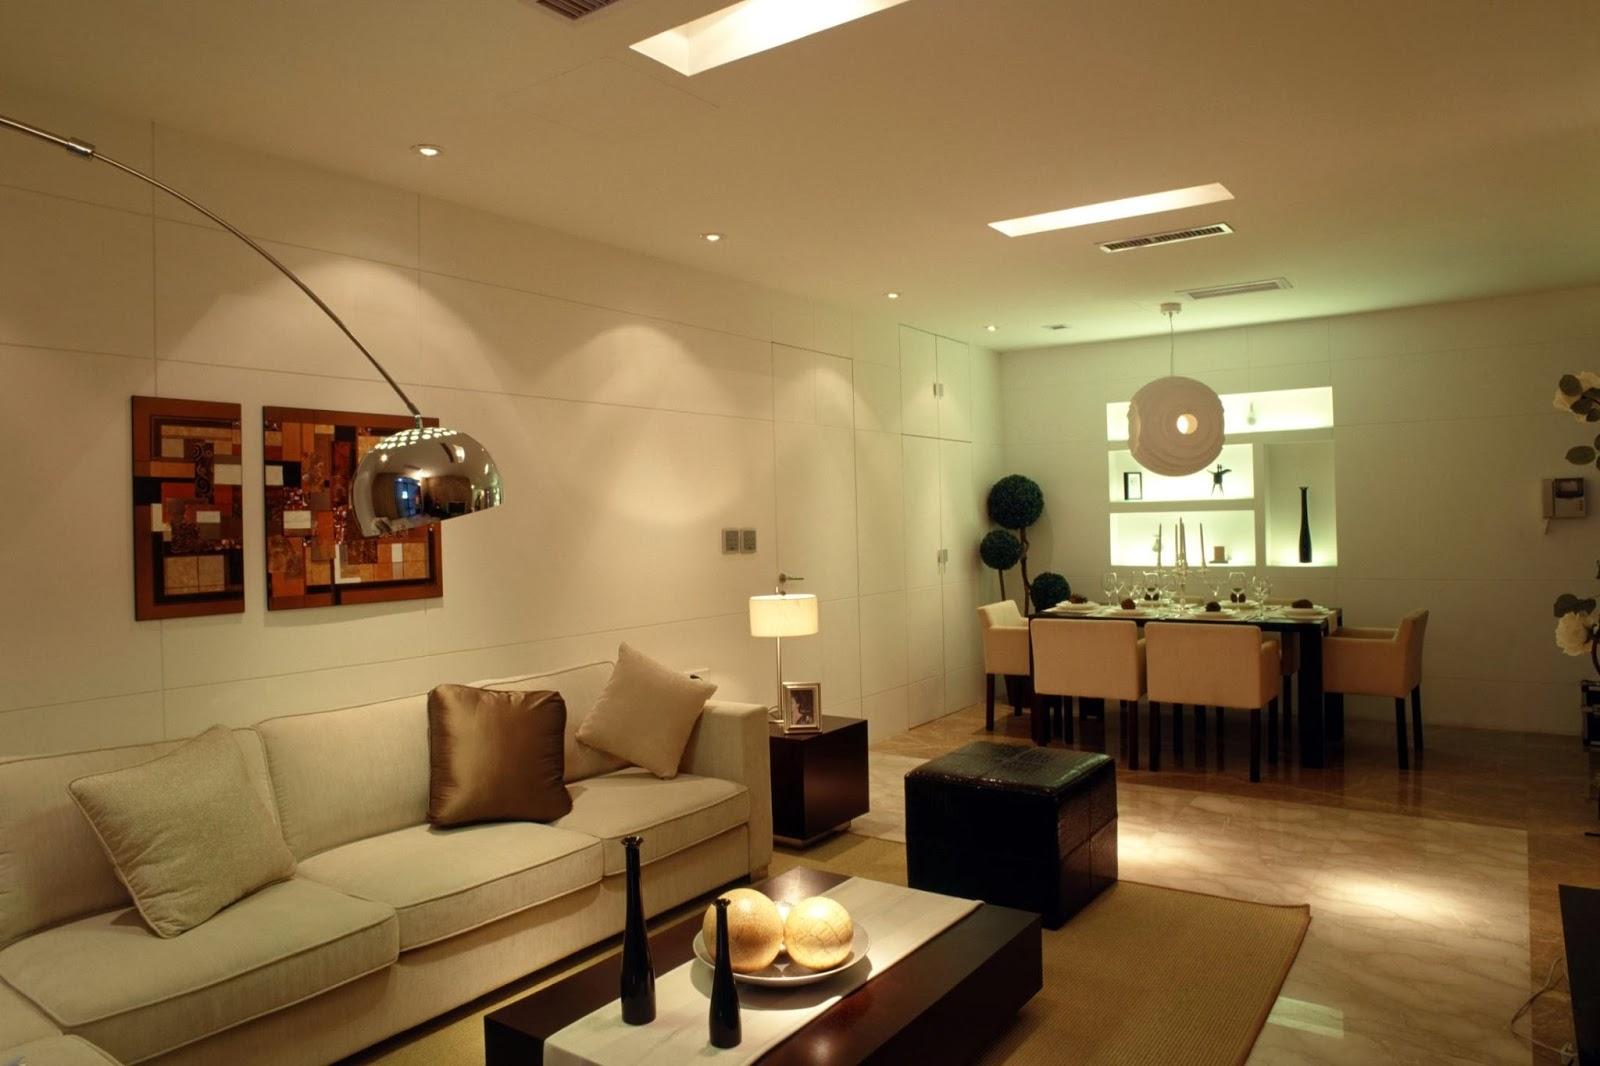 Disenar Una Sala De Estar En Linea ~  en la decoración de casas es cómo iluminar la sala de estar sin